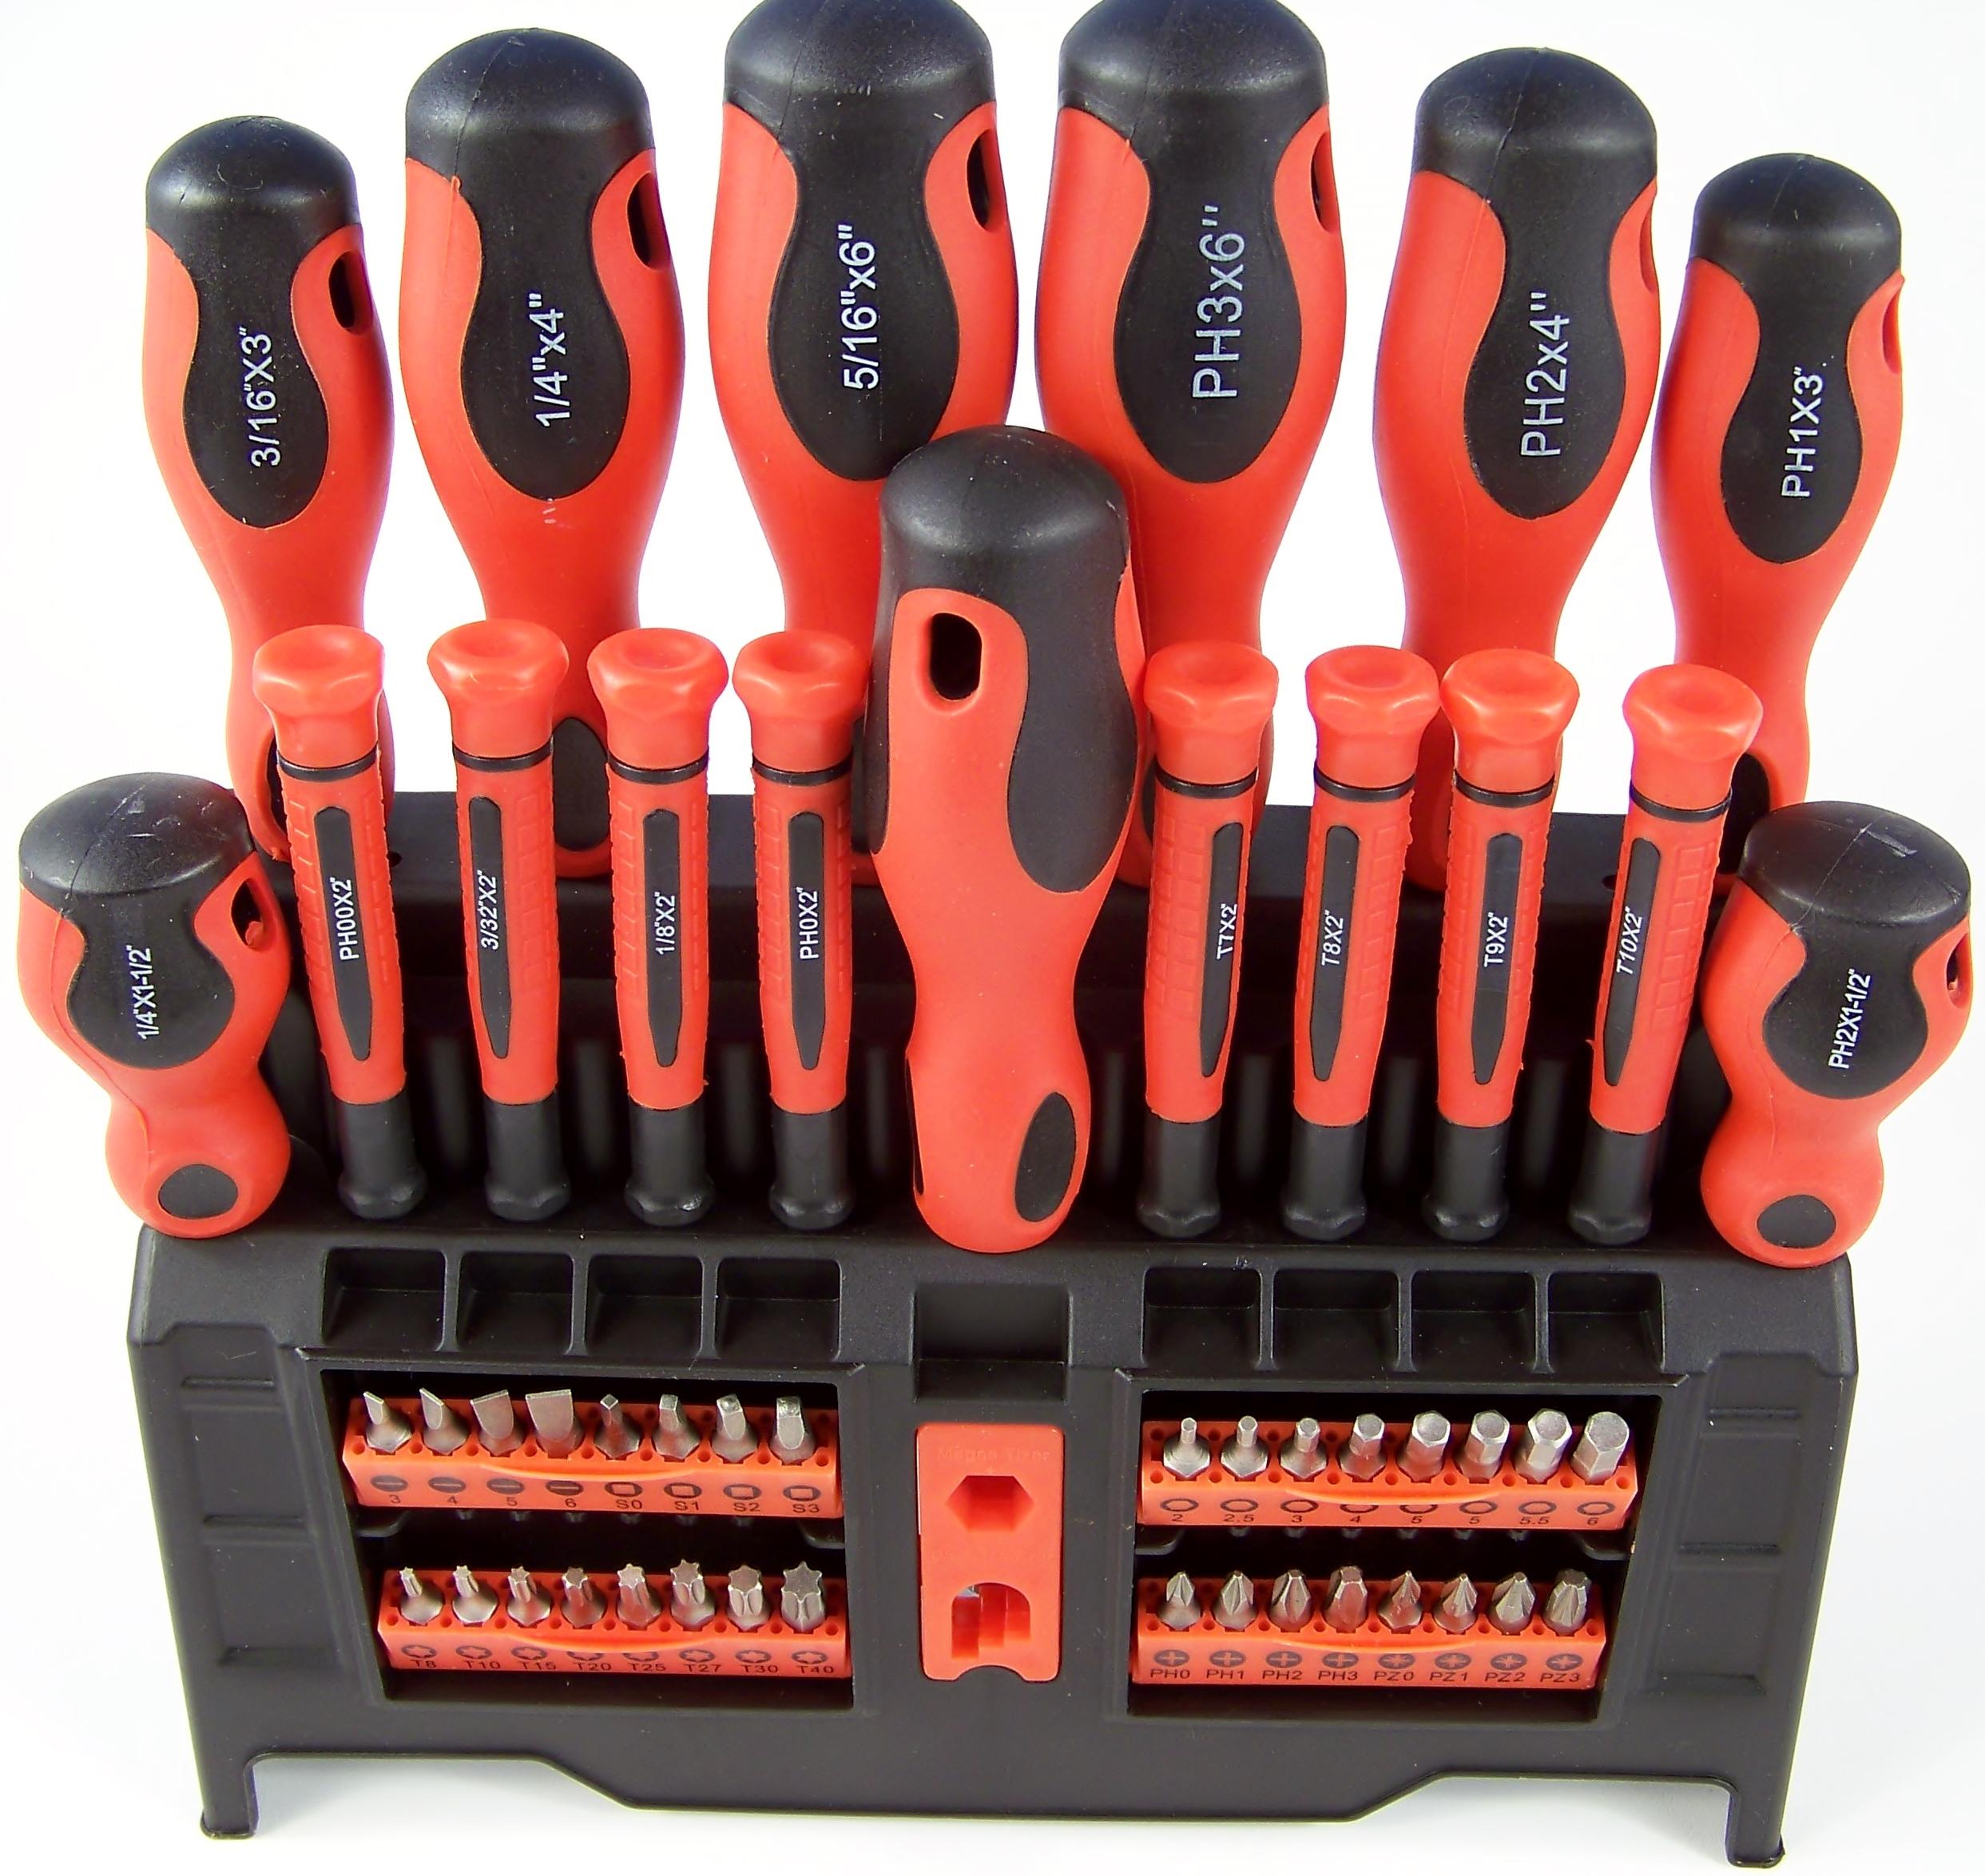 Magnetic Screwdriver Set CrV Steel Precision Y0 Y1 Y2 Y3 TA1.8 TA2.0 TA2.7 TA4.2